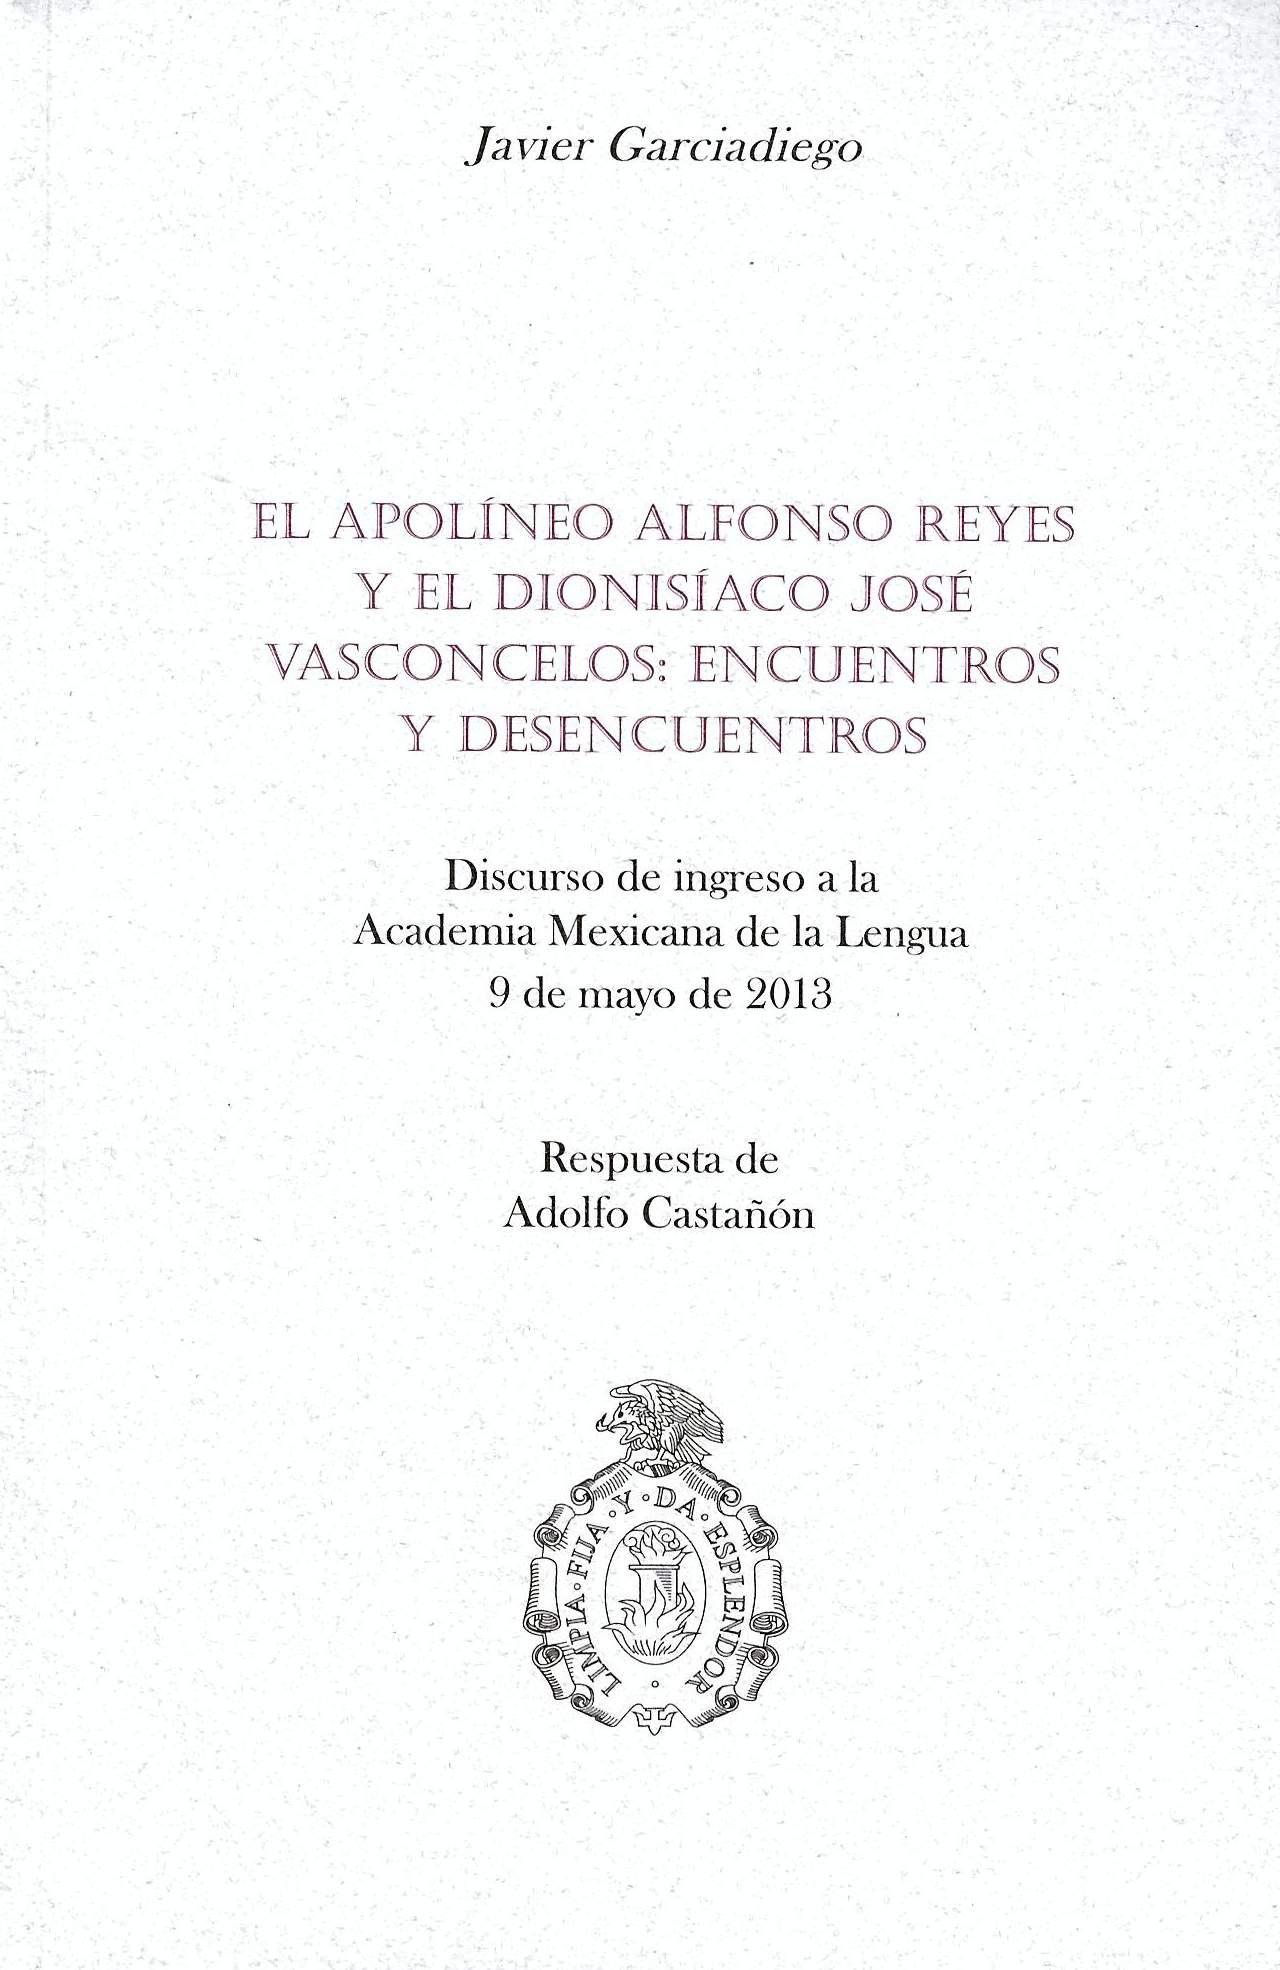 El apolíneo Alfonso Reyes y el dionisiaco José Vasconcelos, encuentros y desencuentros Discurso de ingreso a la Academia Mexicana de la Lengua, 9 de mayo de 2013